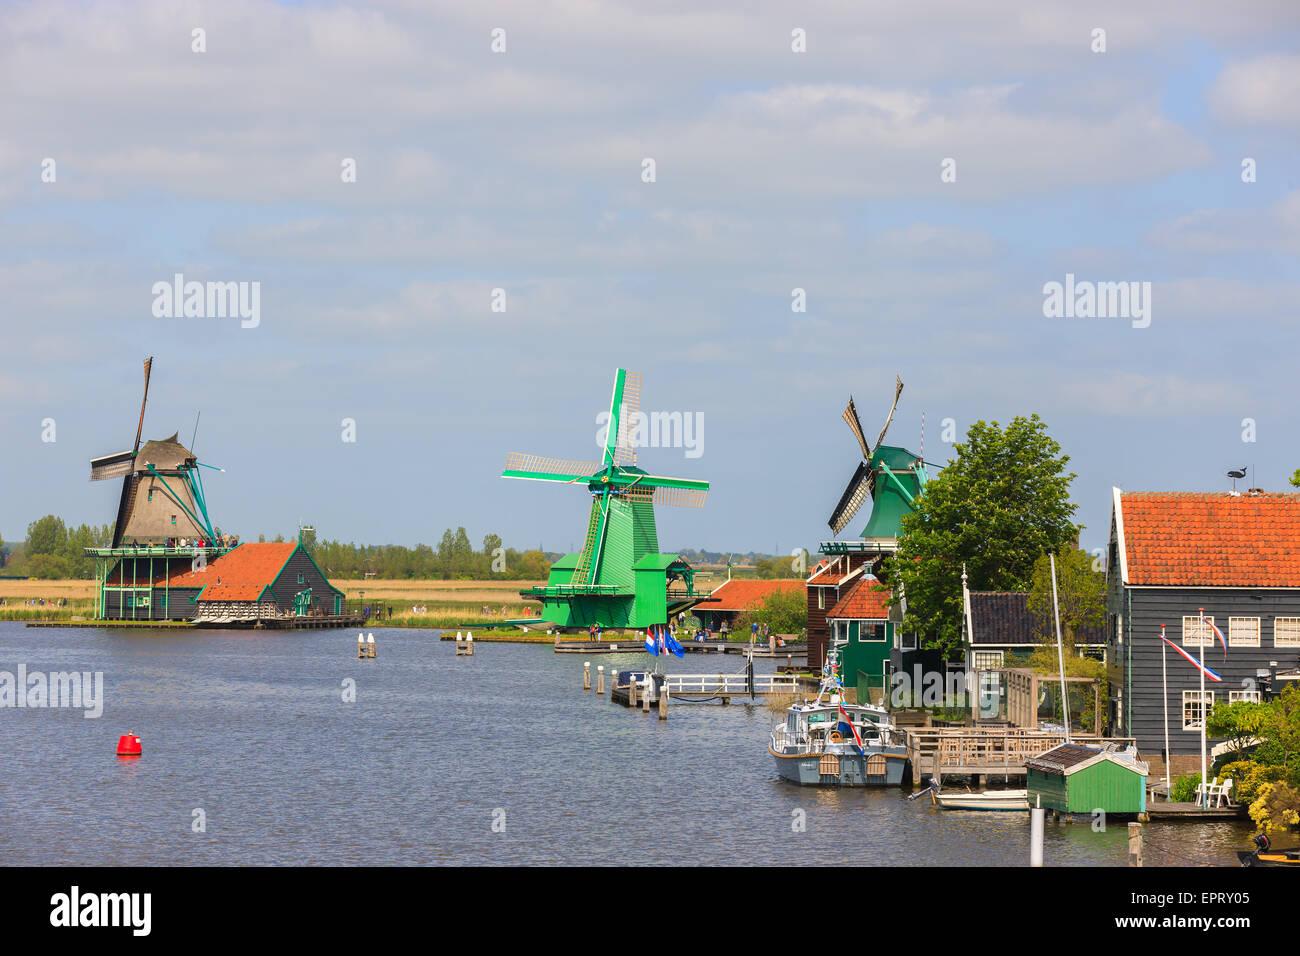 Au Zaanse Schans, Dutch windmills le long de la rivière Zaan, au nord d'Amsterdam, aux Pays-Bas. Photo Stock